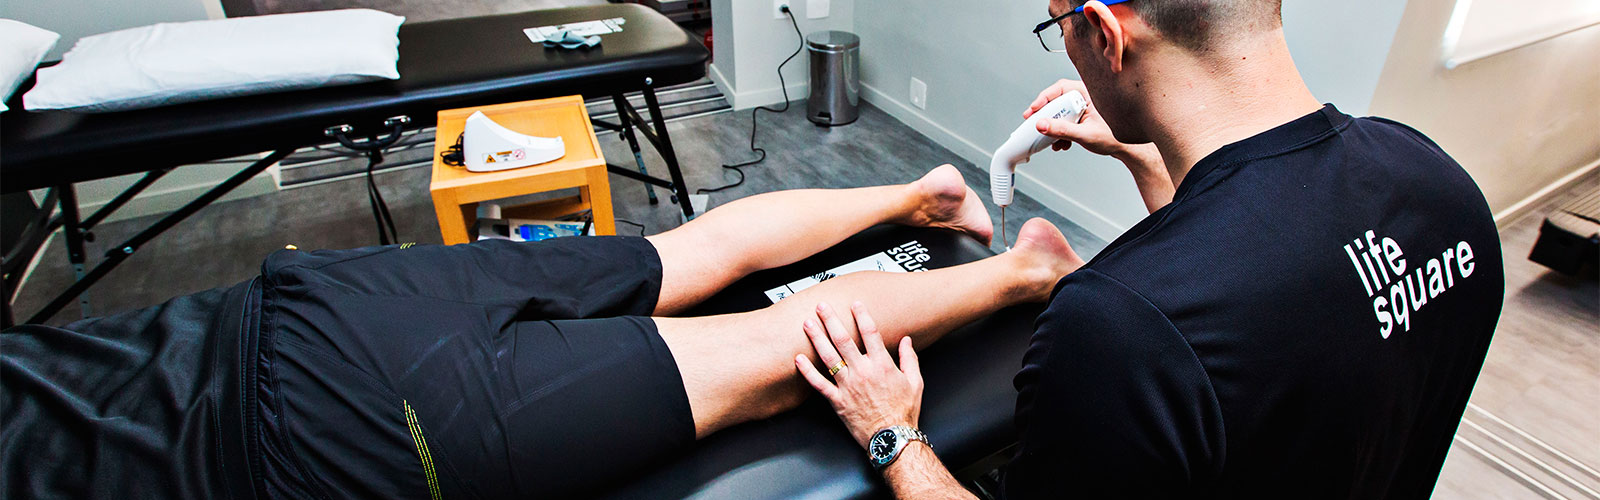 Conte com a experiência da LifeSquare na reabilitação de lesões